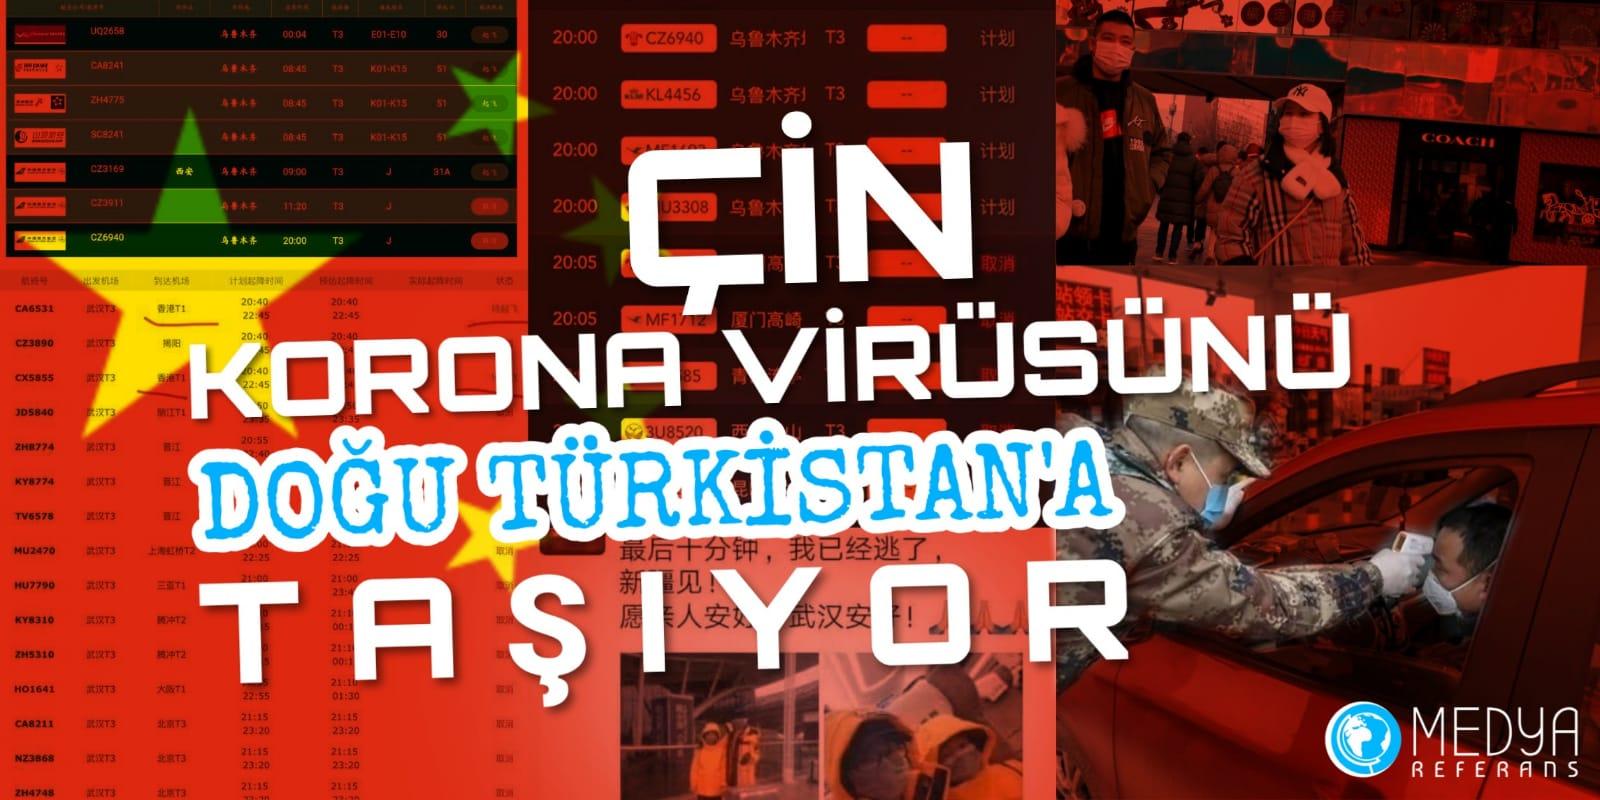 Ölümcül Virüs Doğu Türkistan'a Taşınıyor